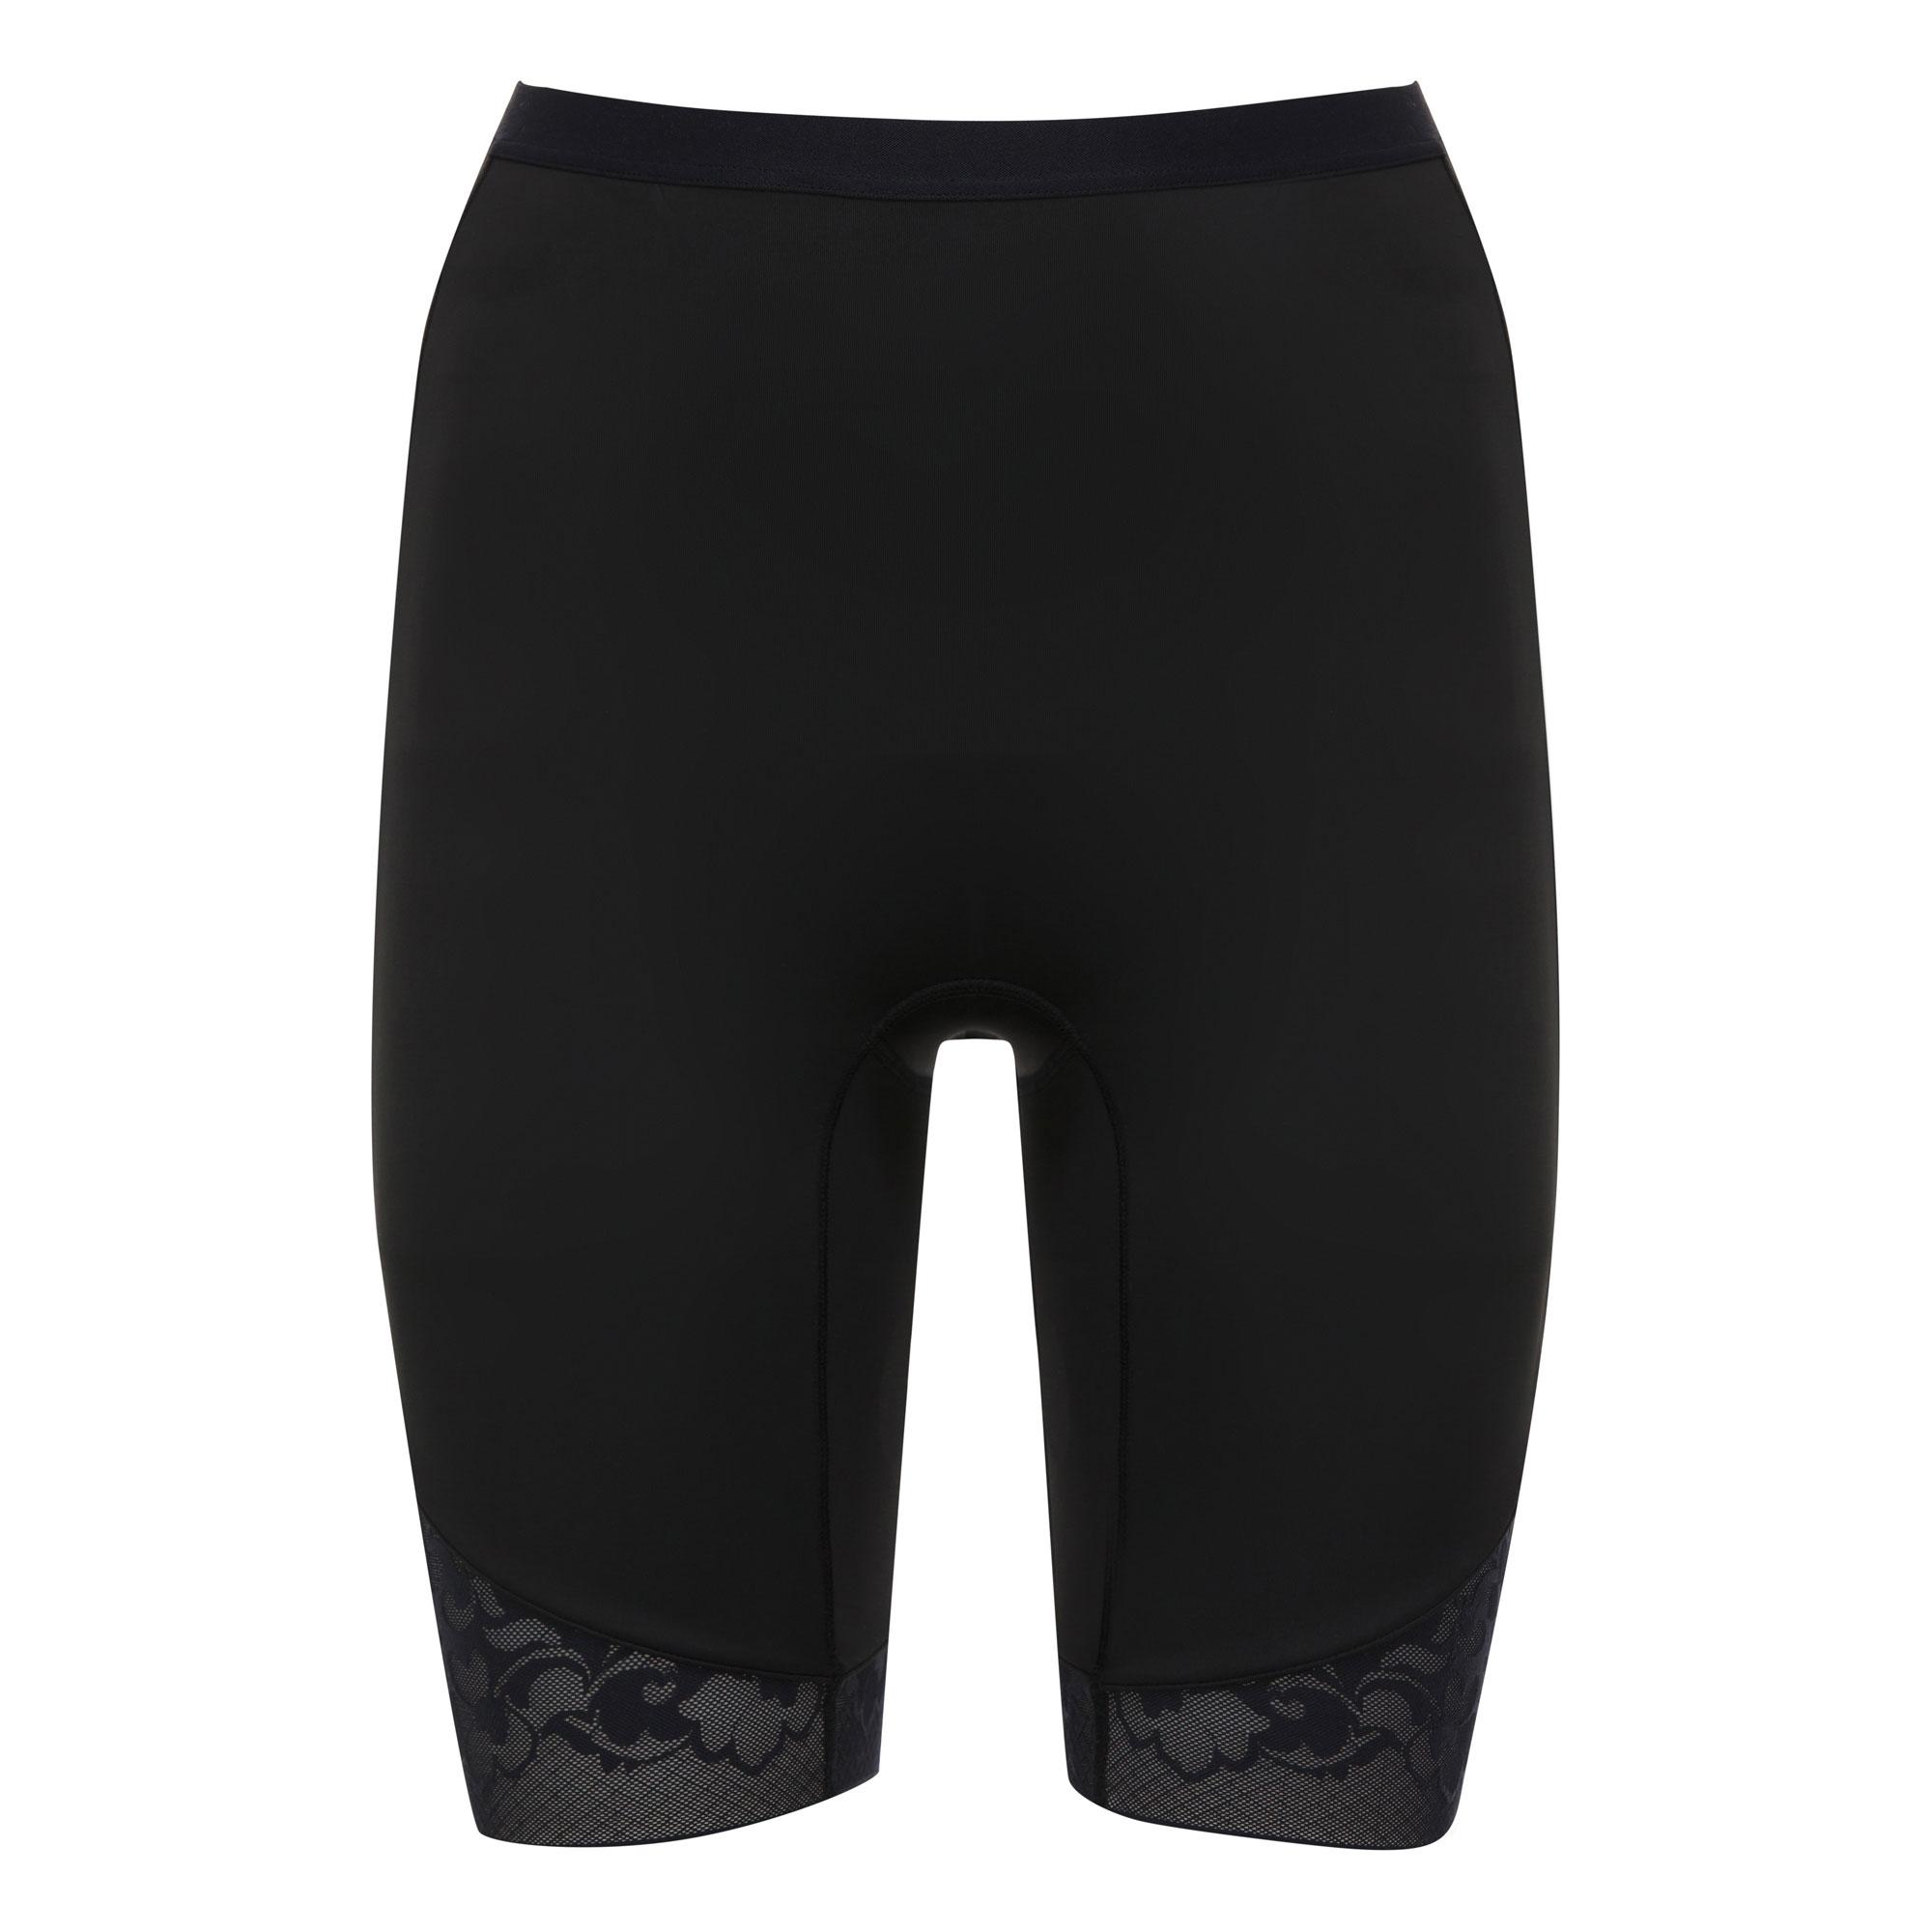 Panty noir - Expert in Silhouette, , PLAYTEX